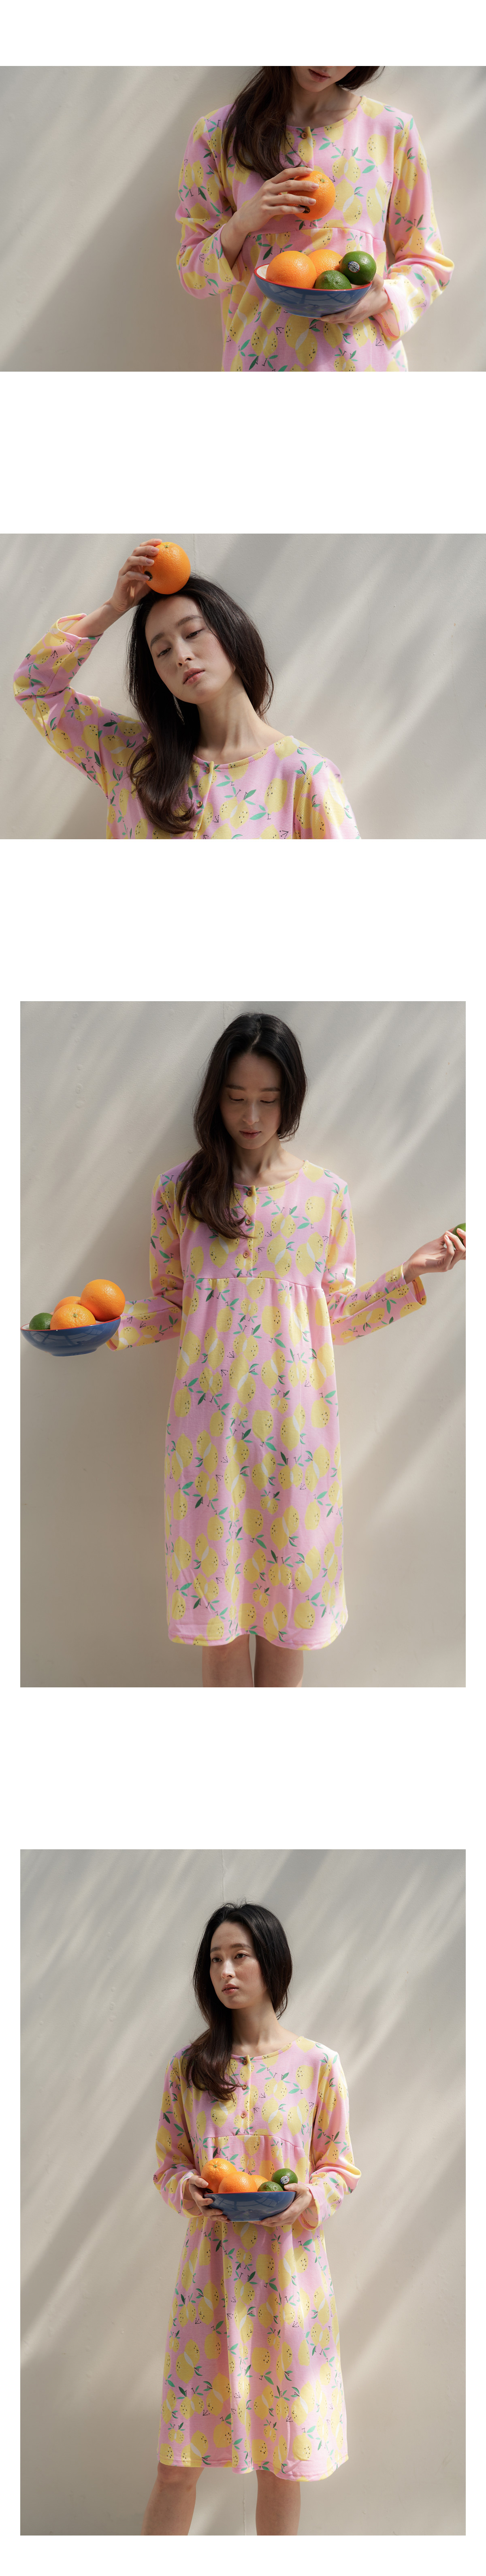 레몬 여성실내복 홈웨어 원피스잠옷 - 바이메이비, 22,800원, 잠옷, 원피스잠옷